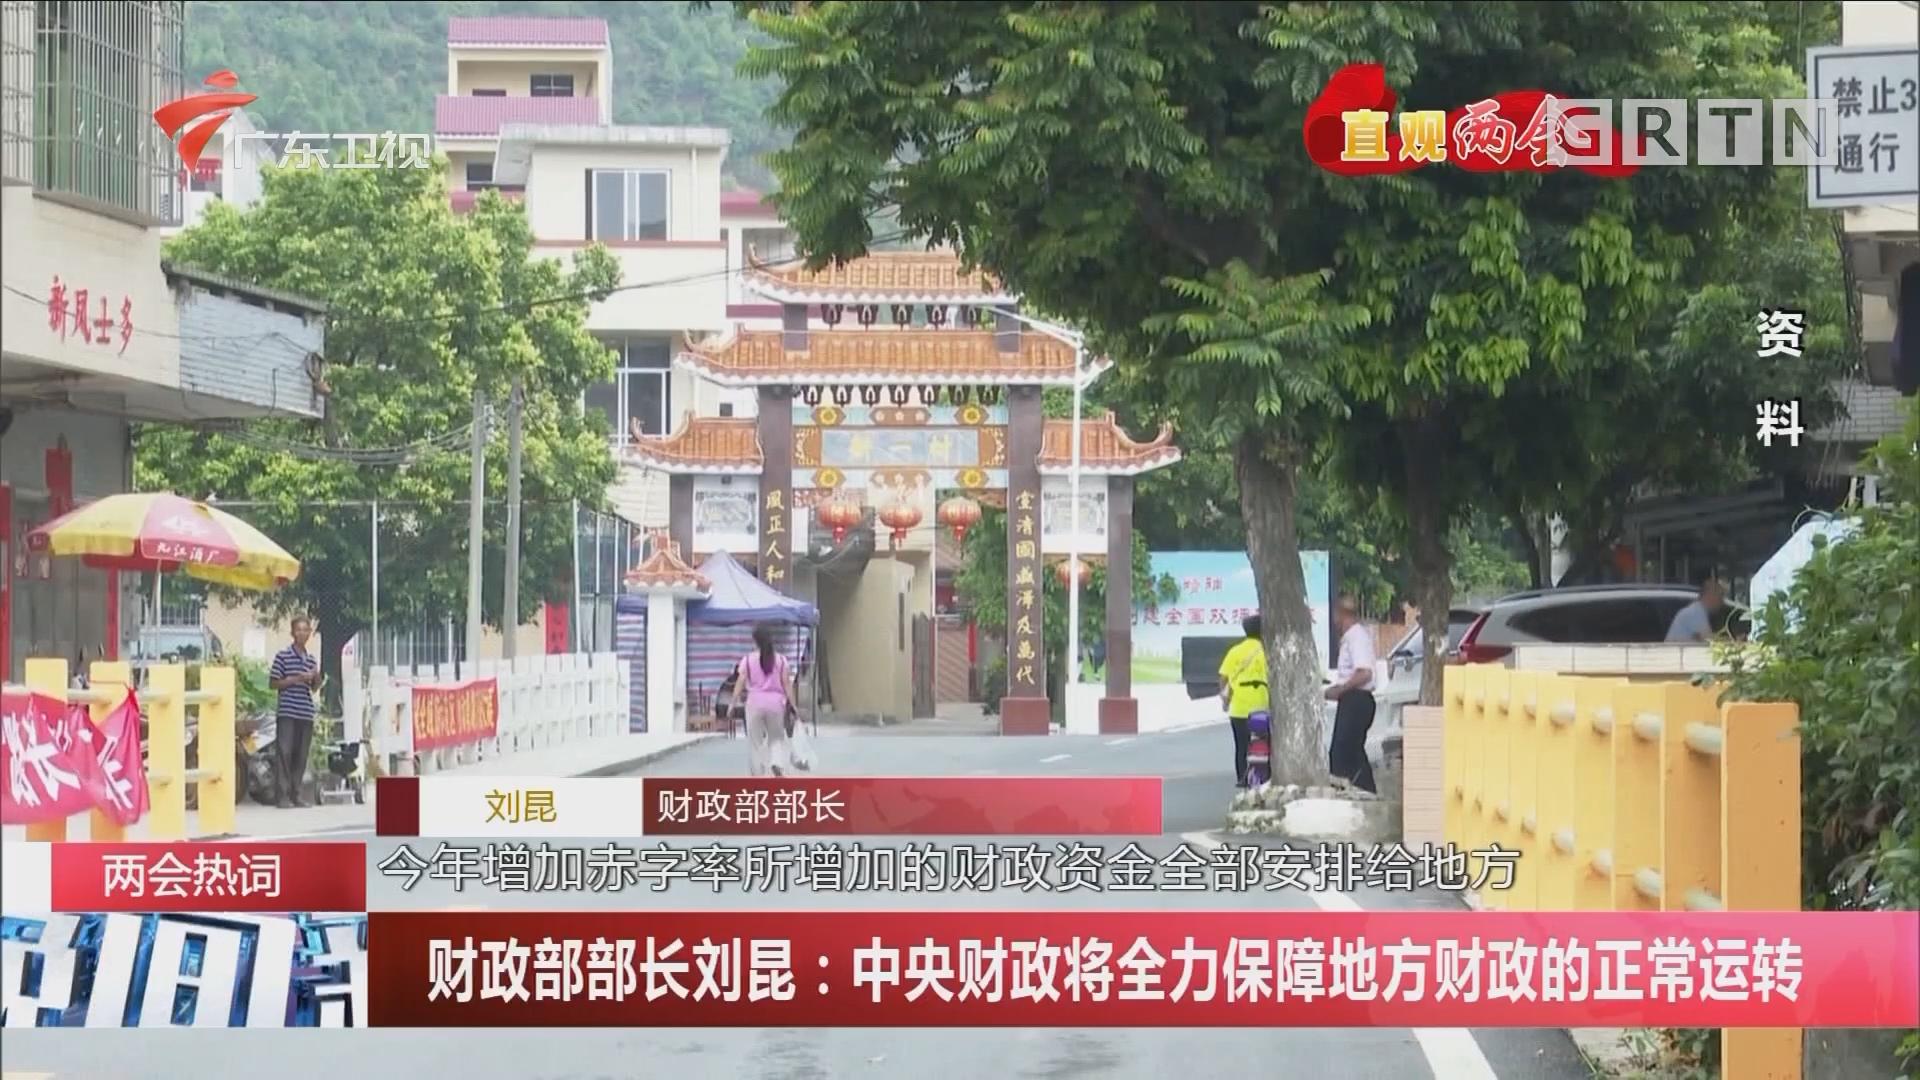 两会热词 财政部部长刘昆:中央财政将全力保障地方财政的正常运转